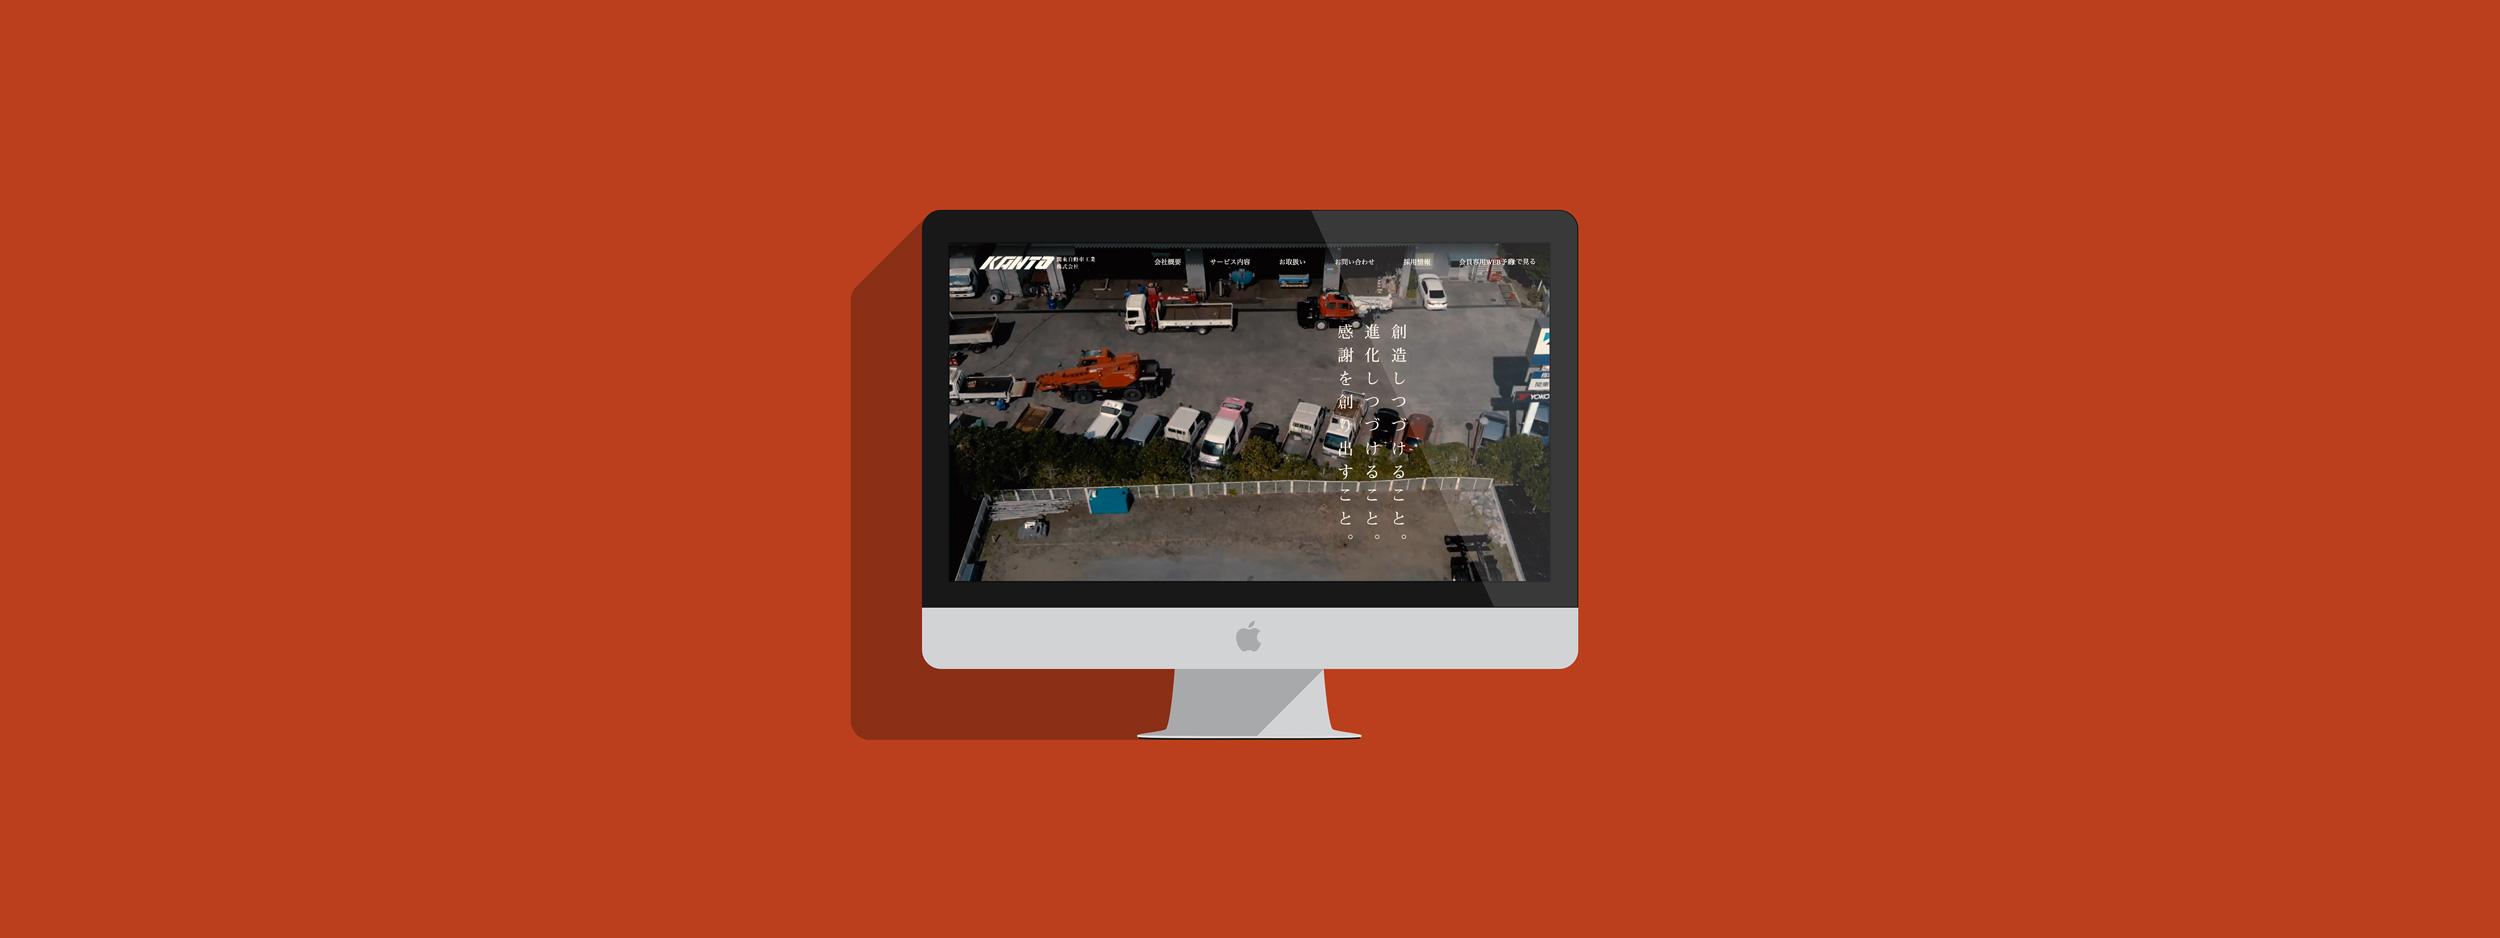 関東自動車工業株式会社のウェブサイト